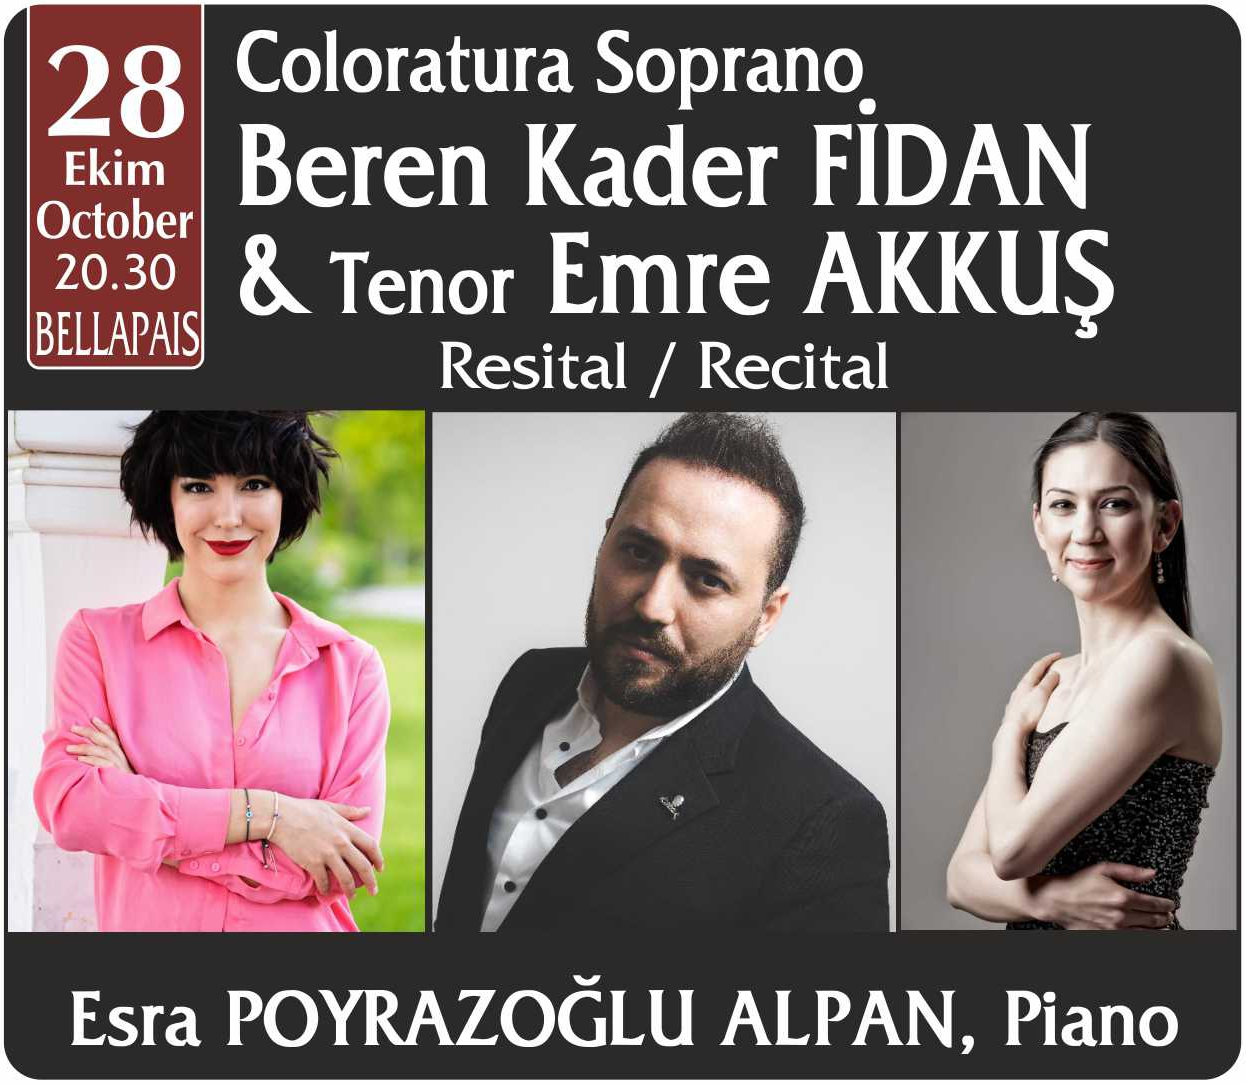 Coloratura Soprano Beren Kader FİDAN & Tenor Emre AKKUŞ Resital / Recital Esra POYRAZOĞLU ALPAN, Piano